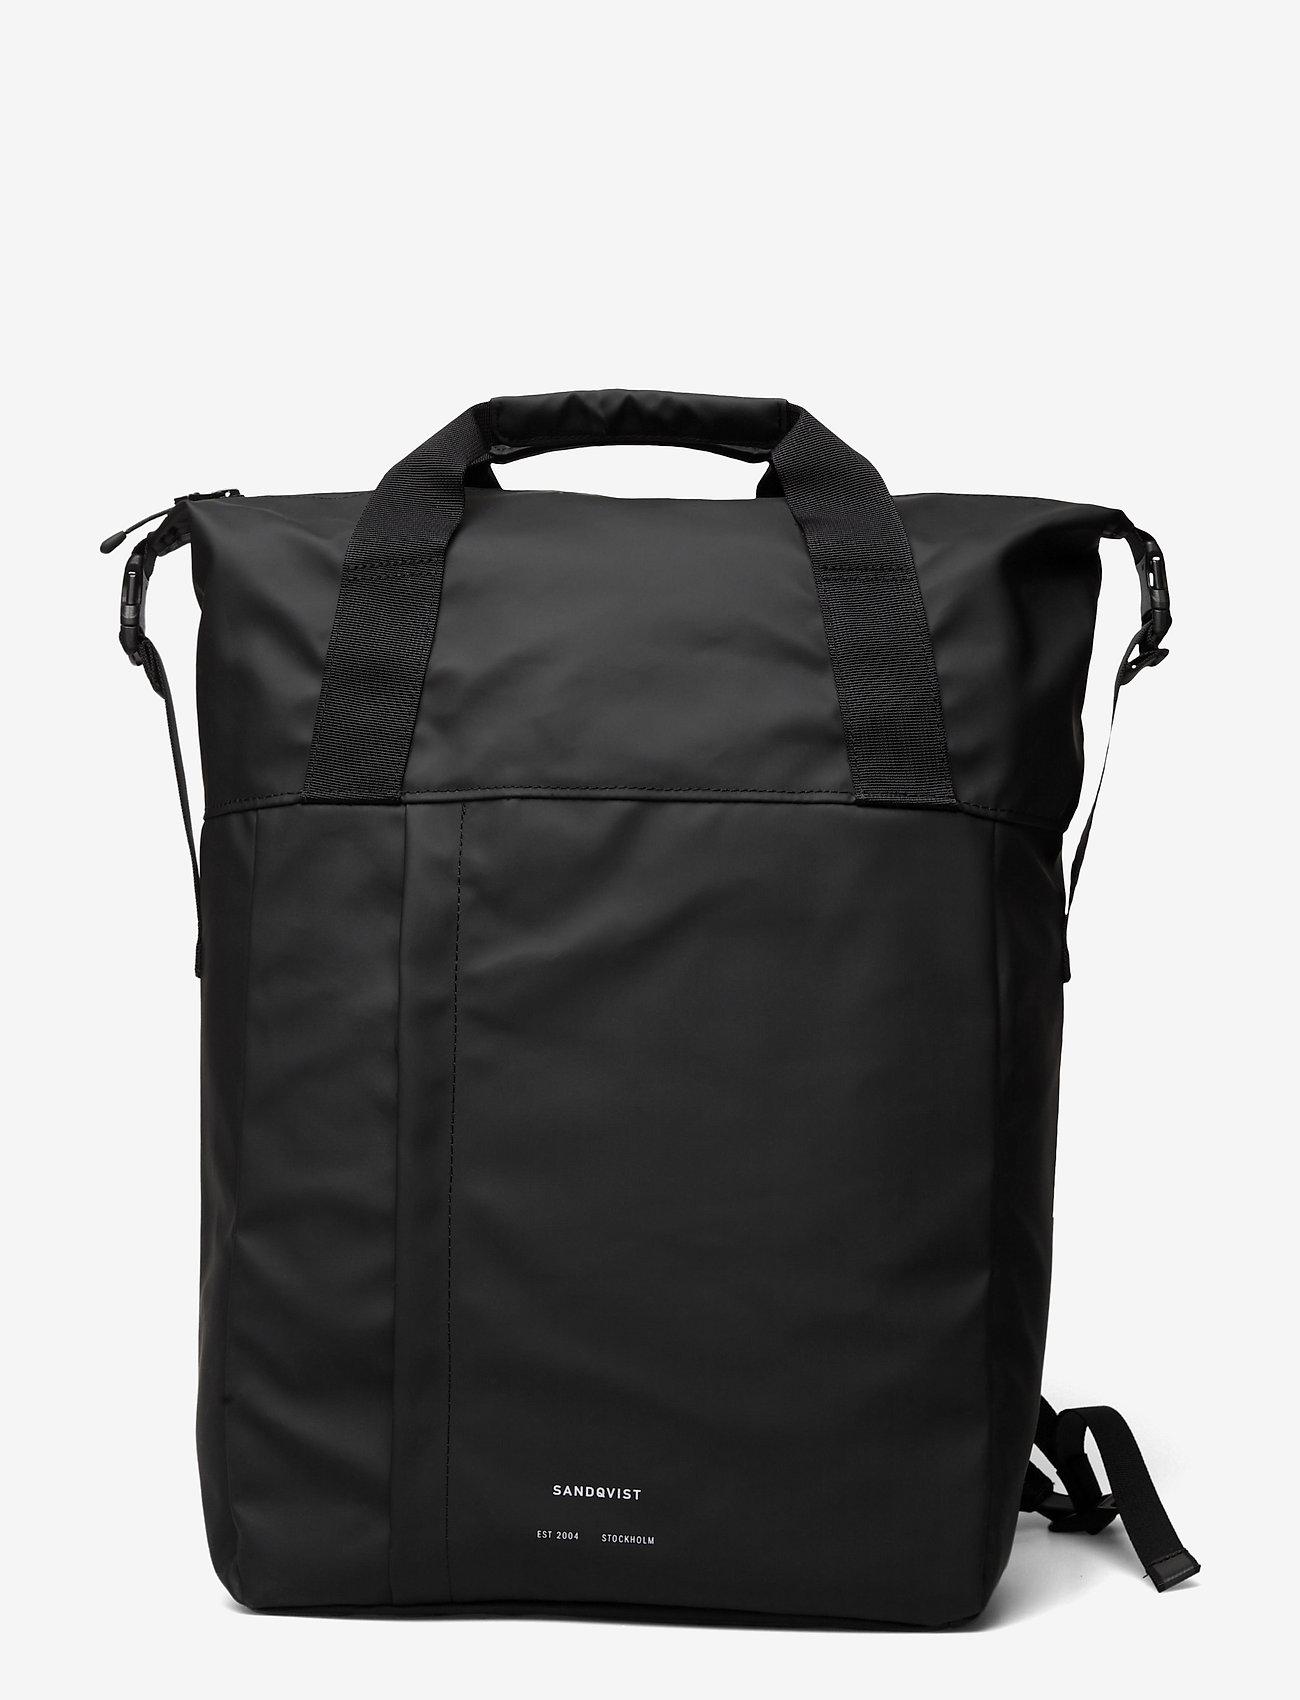 SANDQVIST - ATLE - bags - black - 0